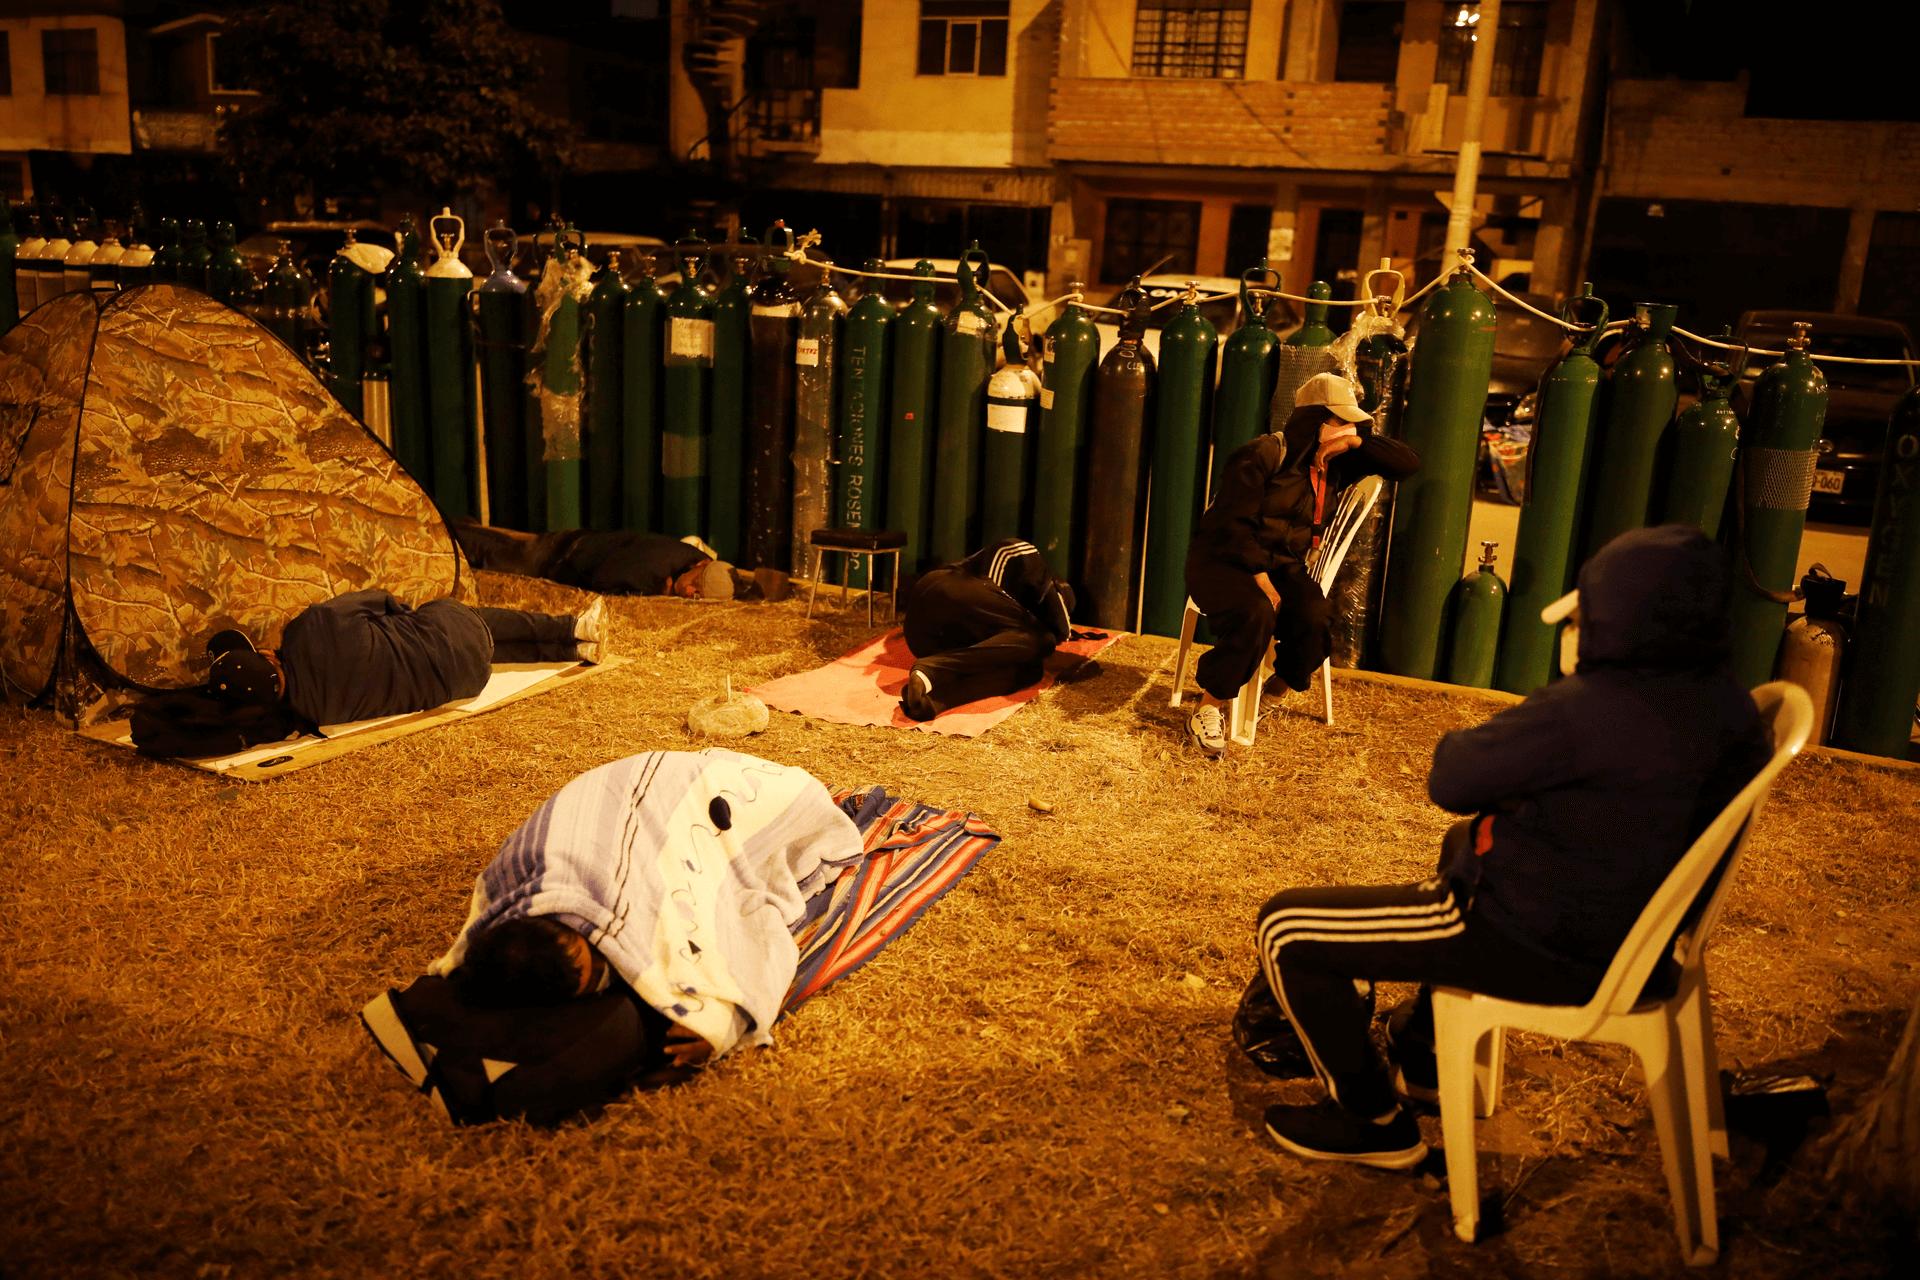 אנשים ישנים לצד בלוני חמצן ברחובות לימה בירת פרו, על מנת לשמור מקום בתור ליקיריהם. צילום: רויטרס